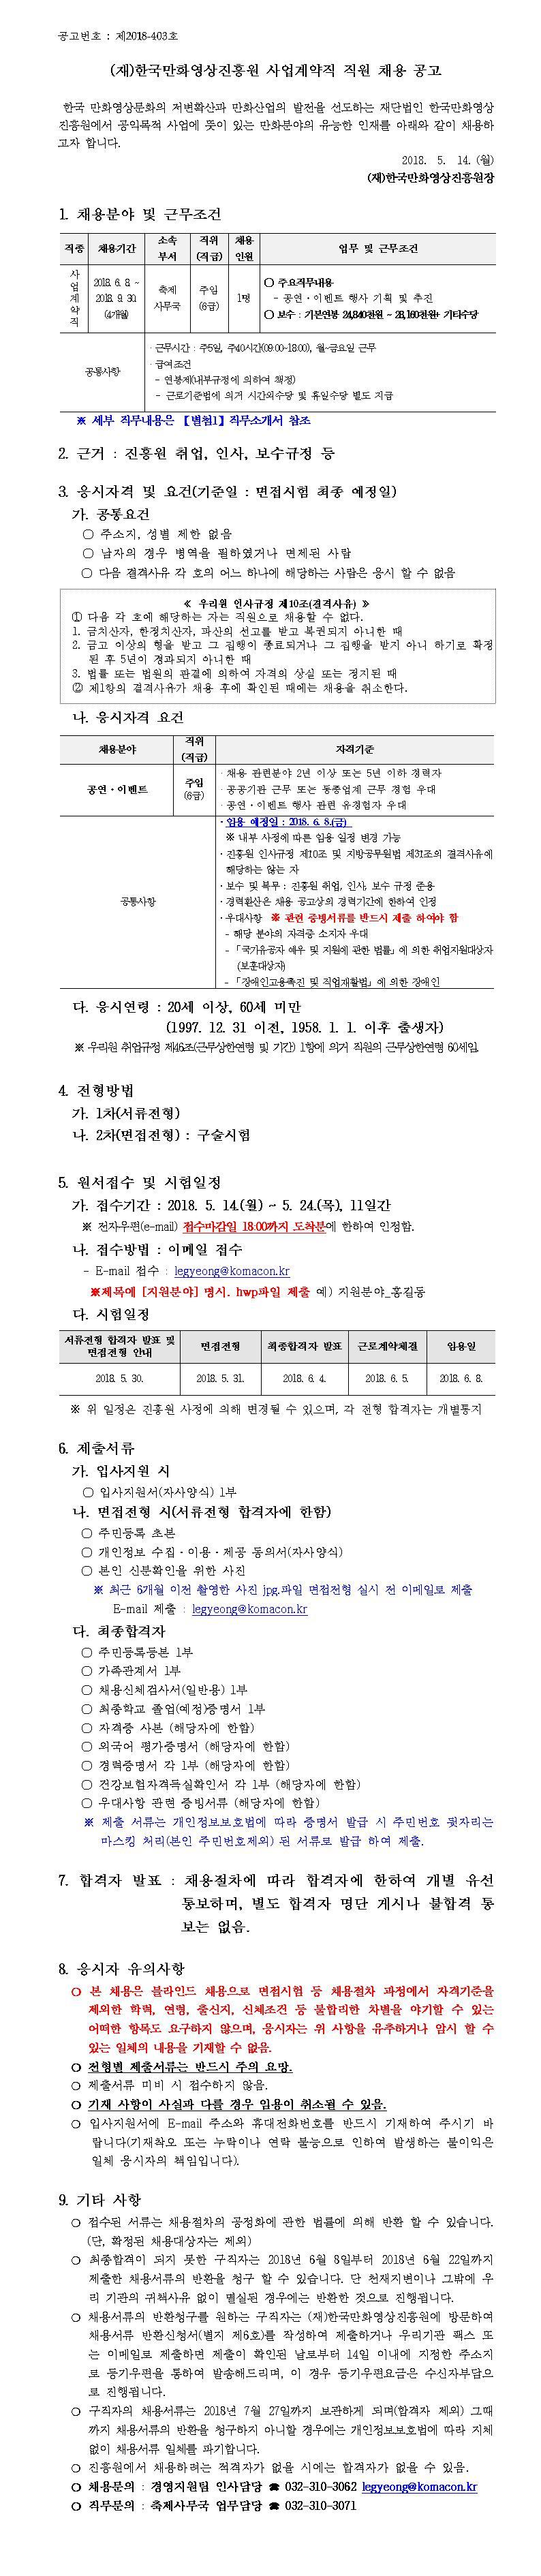 한국만화영상진흥원 사업계약직 채용 공고_180514001.jpg